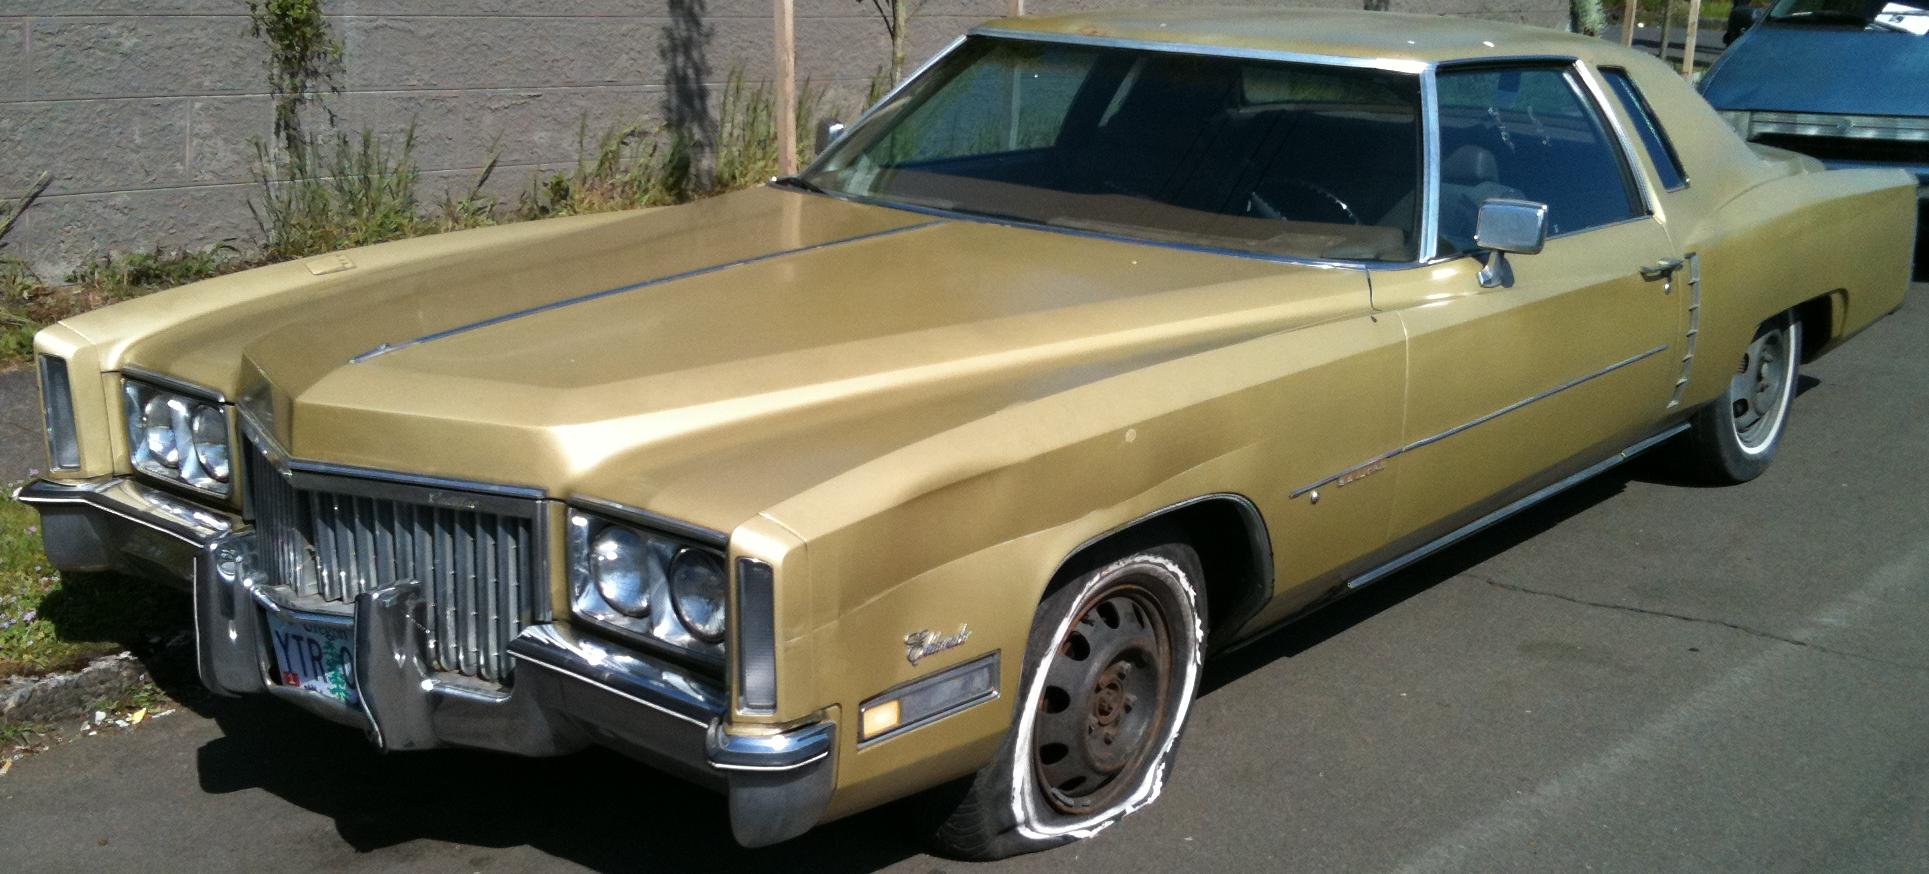 1972 Cadillac Eldorado 8.2